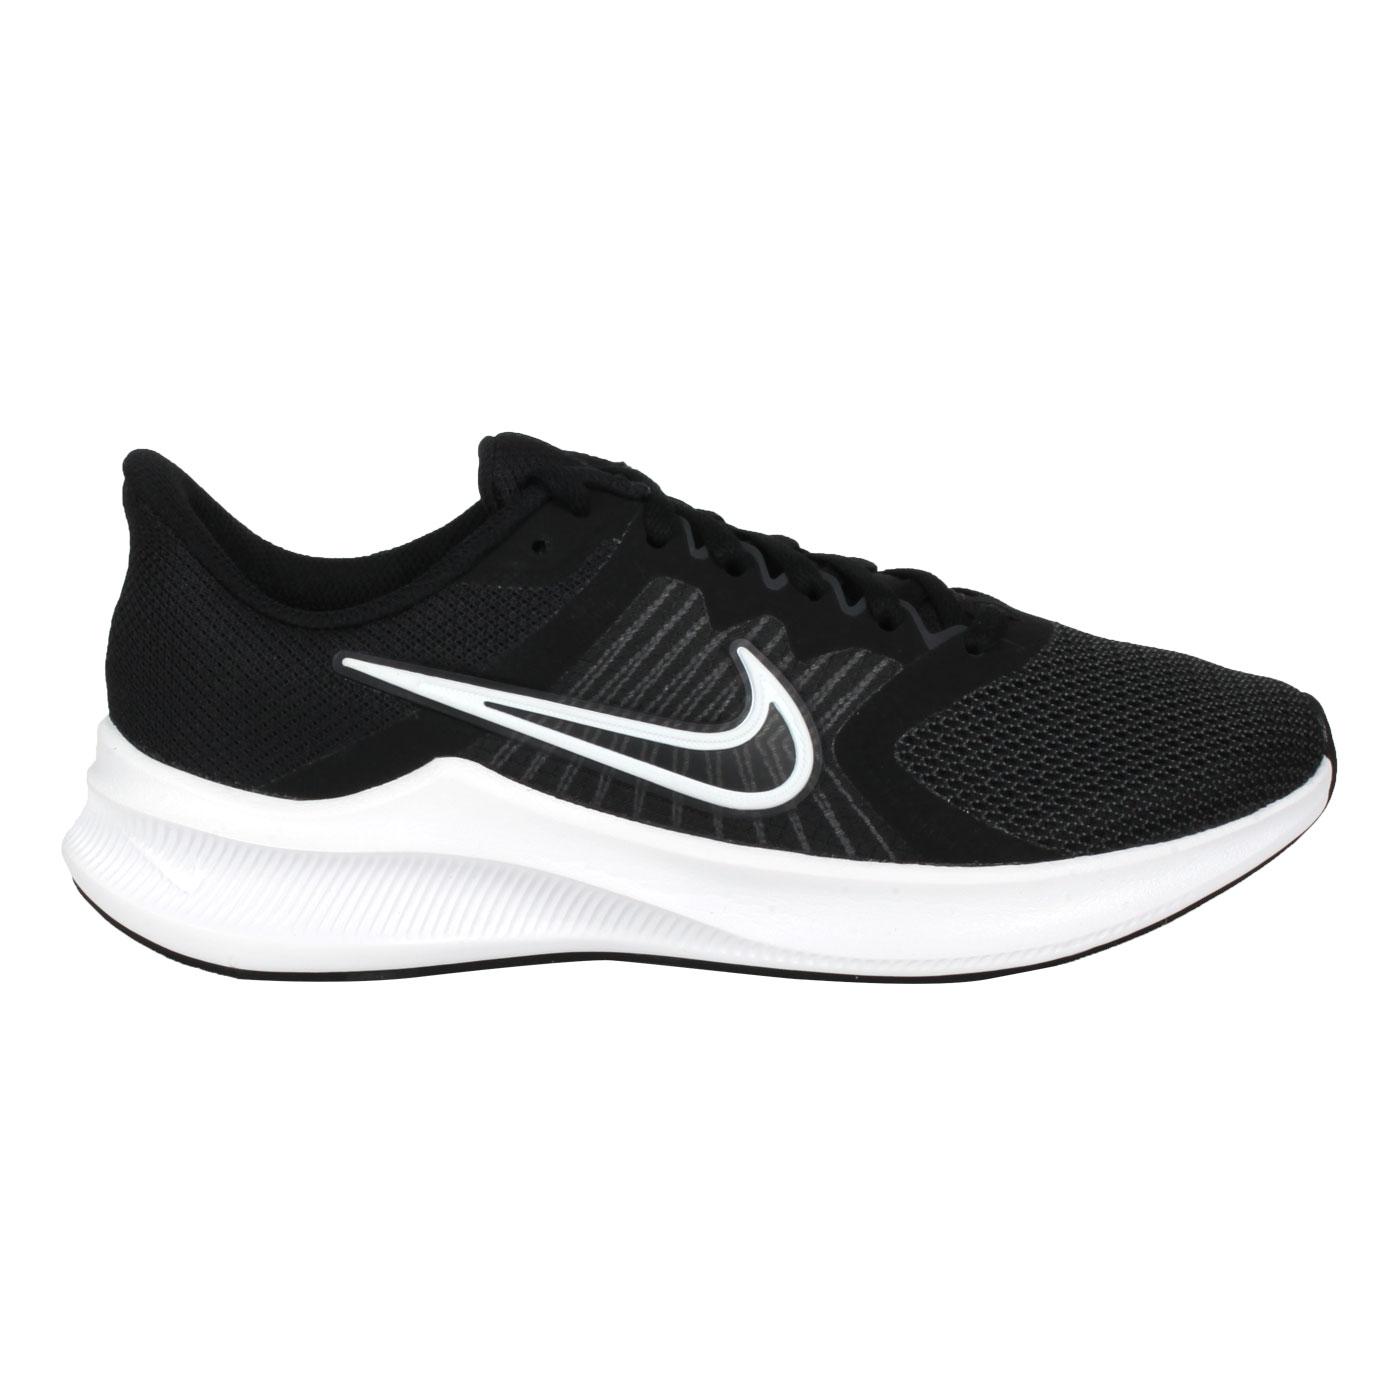 NIKE 女款慢跑鞋  @WMNS DOWNSHIFTER 11@CW3413006 - 黑白